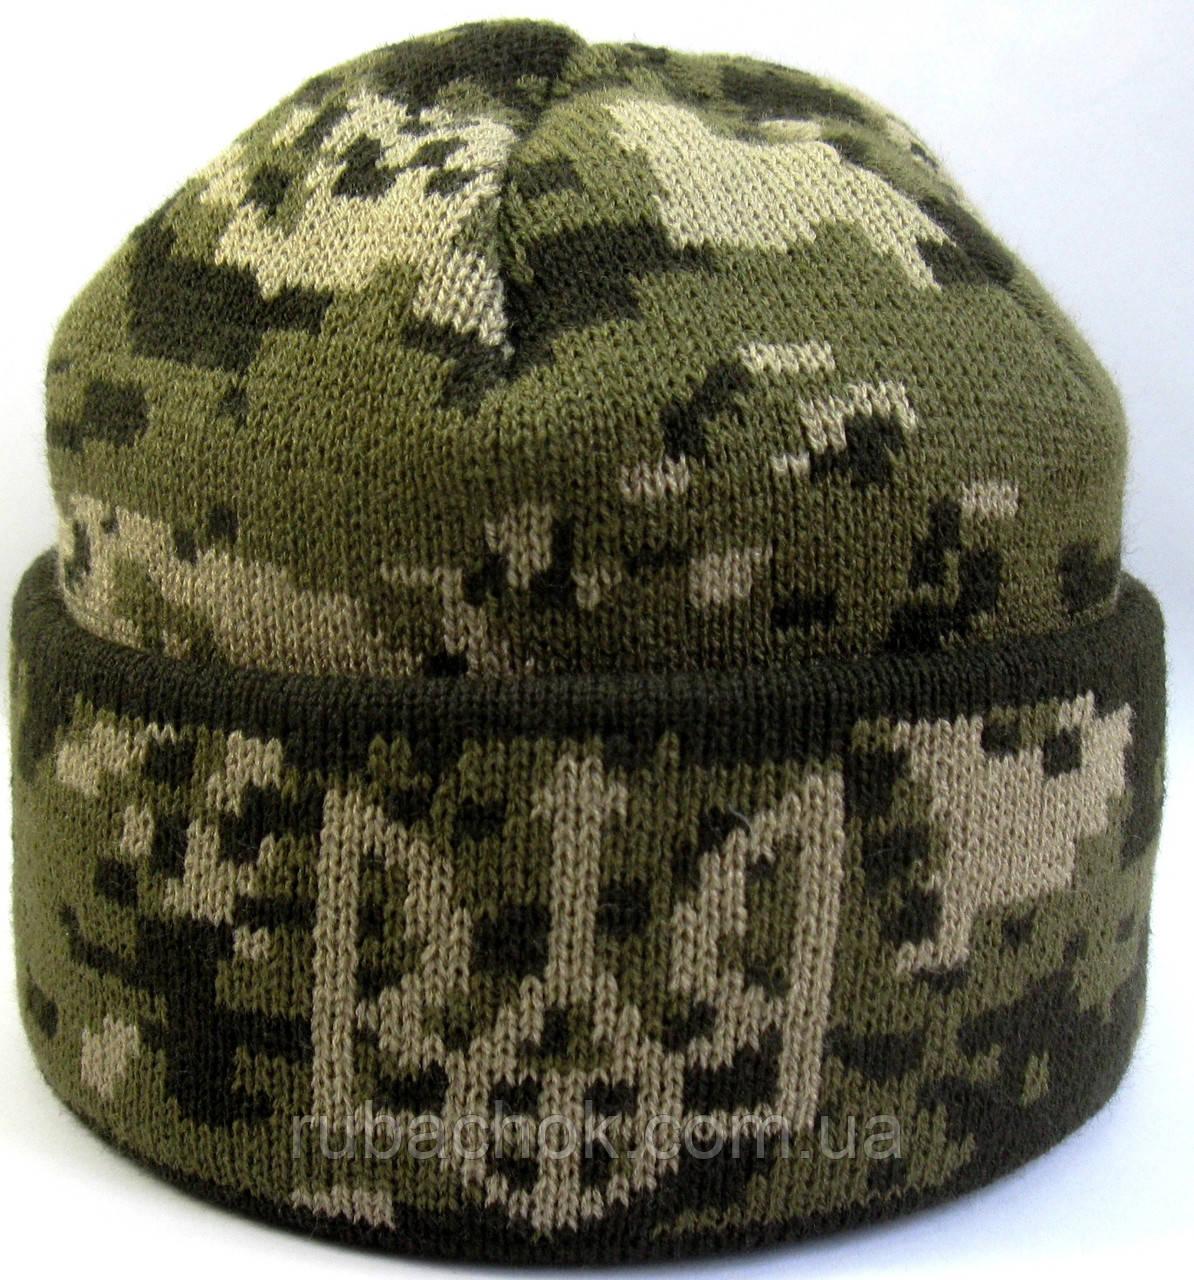 №13 - Вязаная шапка темный, светлый пиксель с подворотом и гербом Украины.